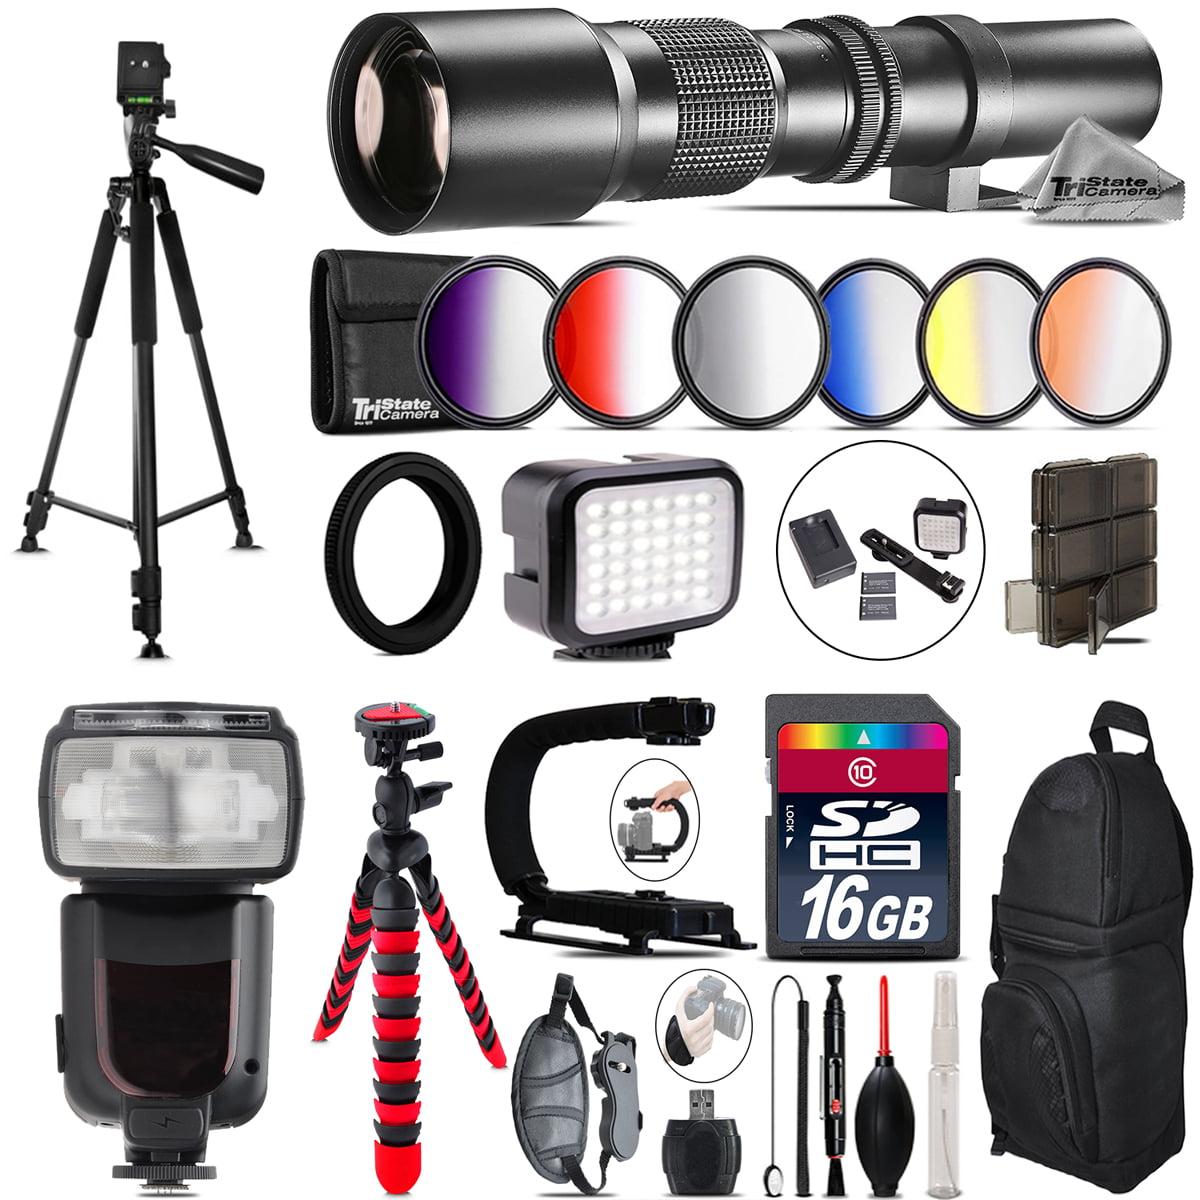 500mm Telephoto Lens for Nikon D3100 D3200 + Pro Flash + LED Light -16GB Bundle